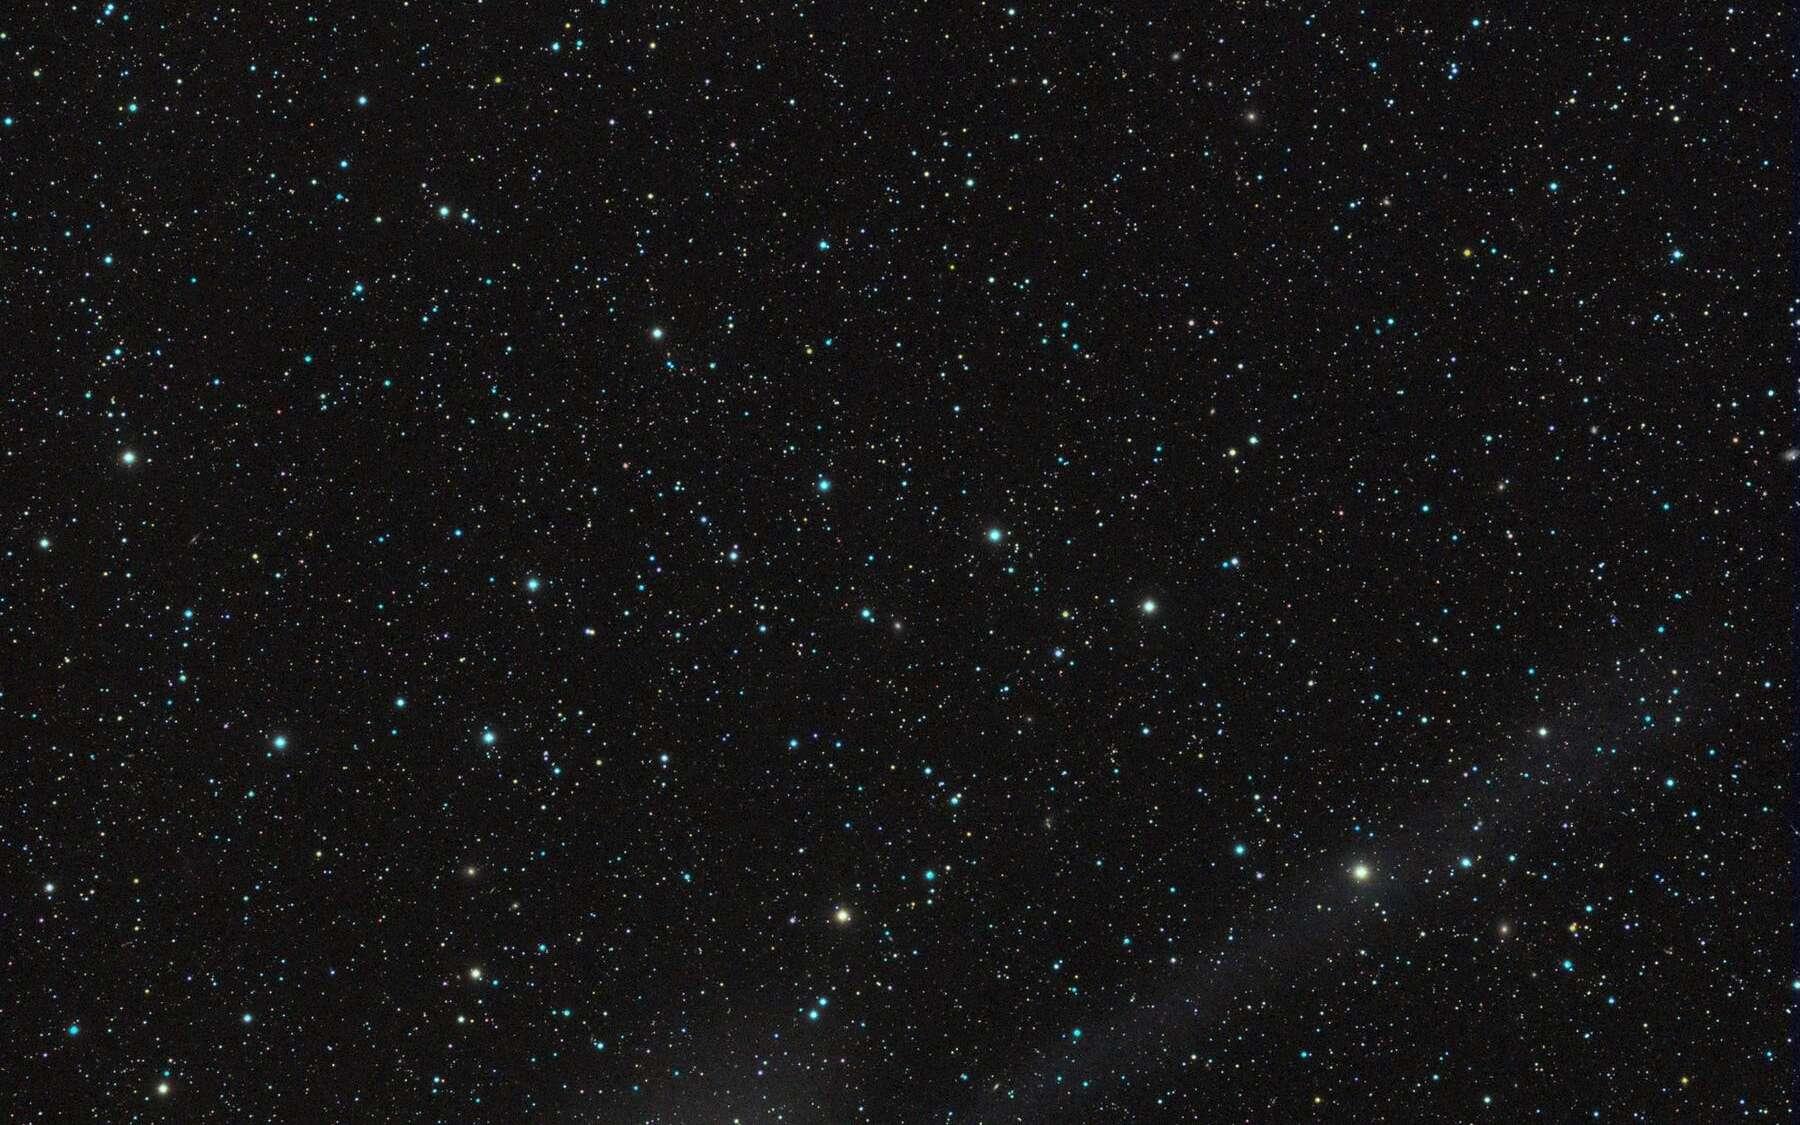 La comète Garradd photographiée le 31 janvier 2012 à proximité de l'amas globulaire M 92. © R. Ligustri